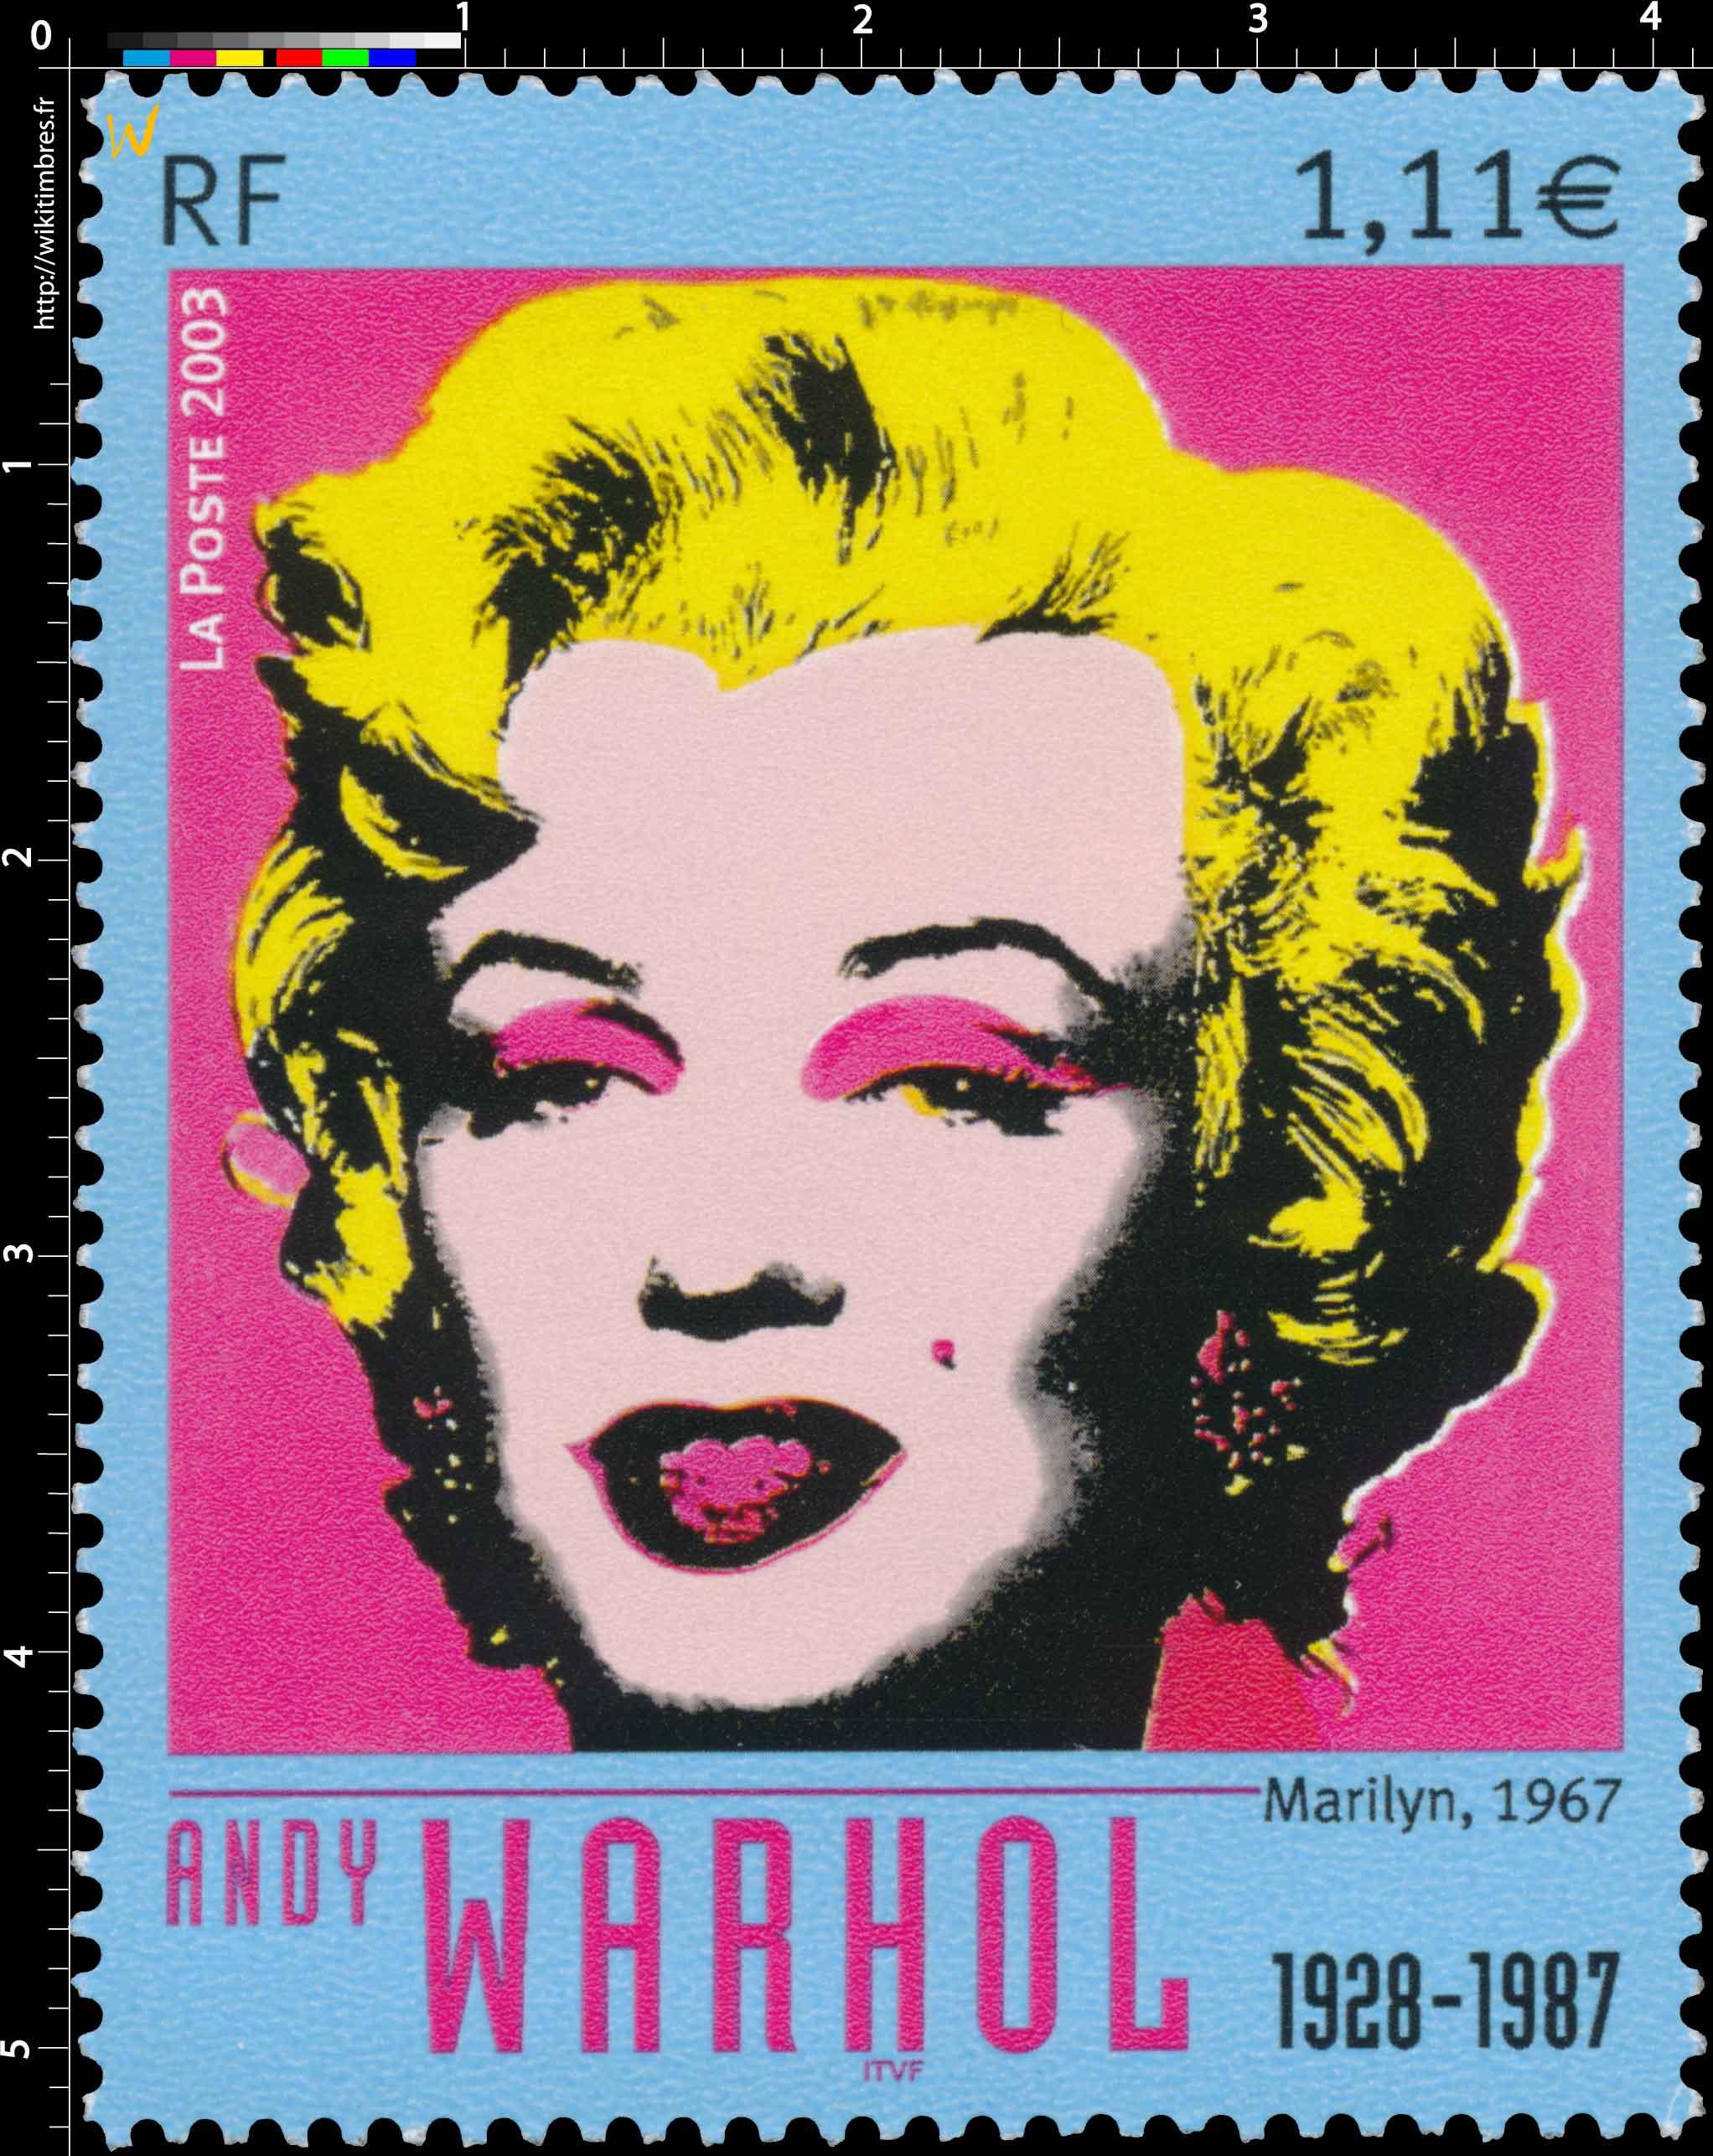 2003 ANDY WARHOL 1928-1987 Marilyn 1967